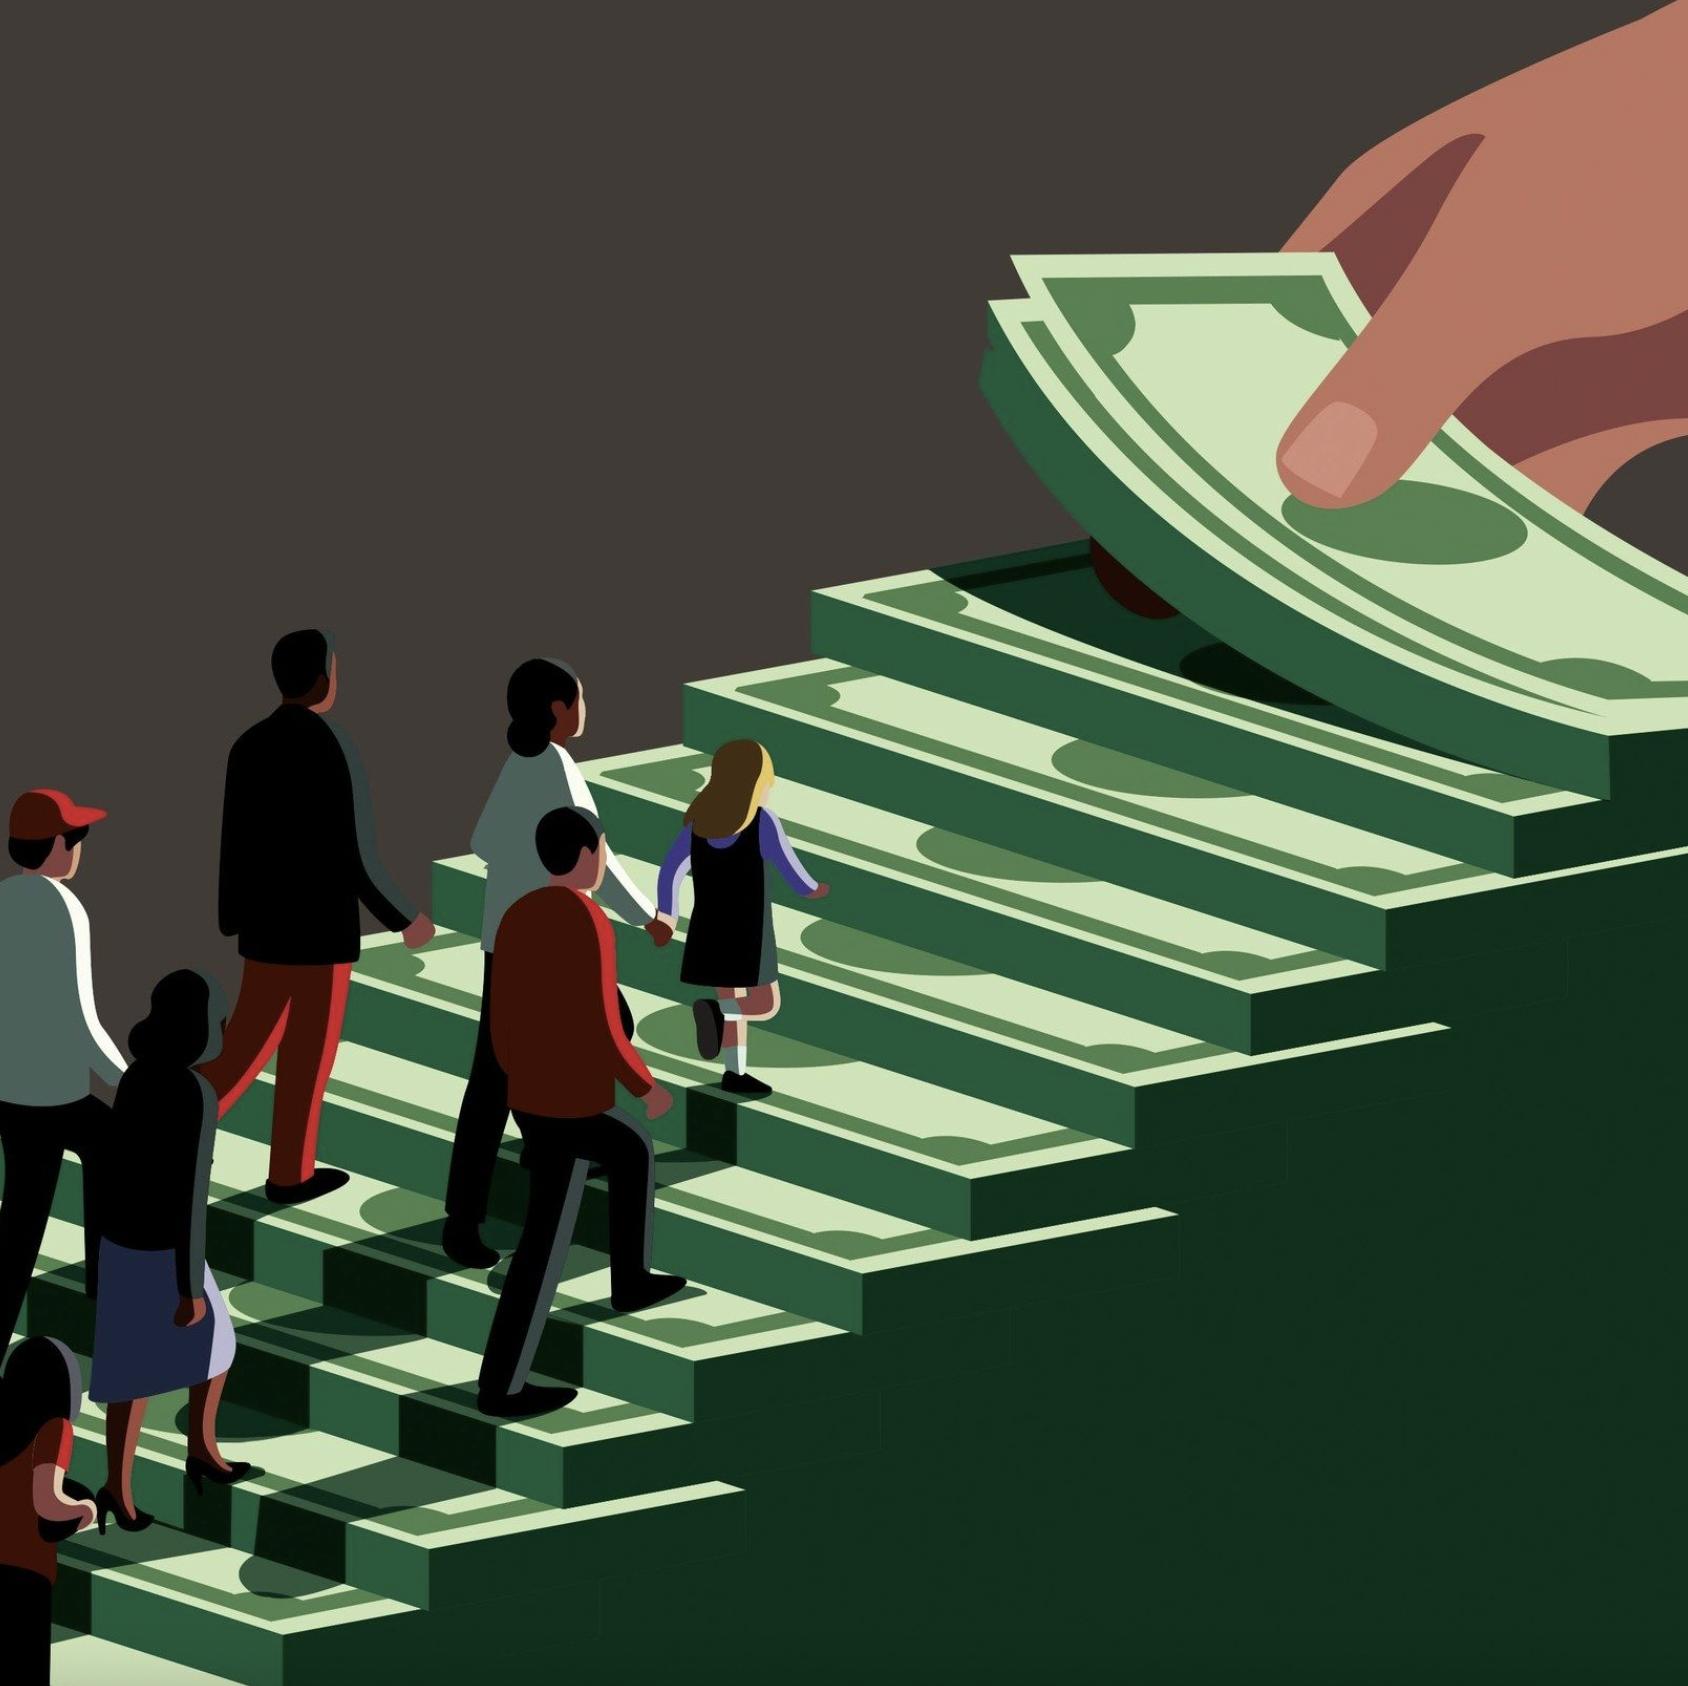 Безусловный базовый доход ближе, чем кажется - 1